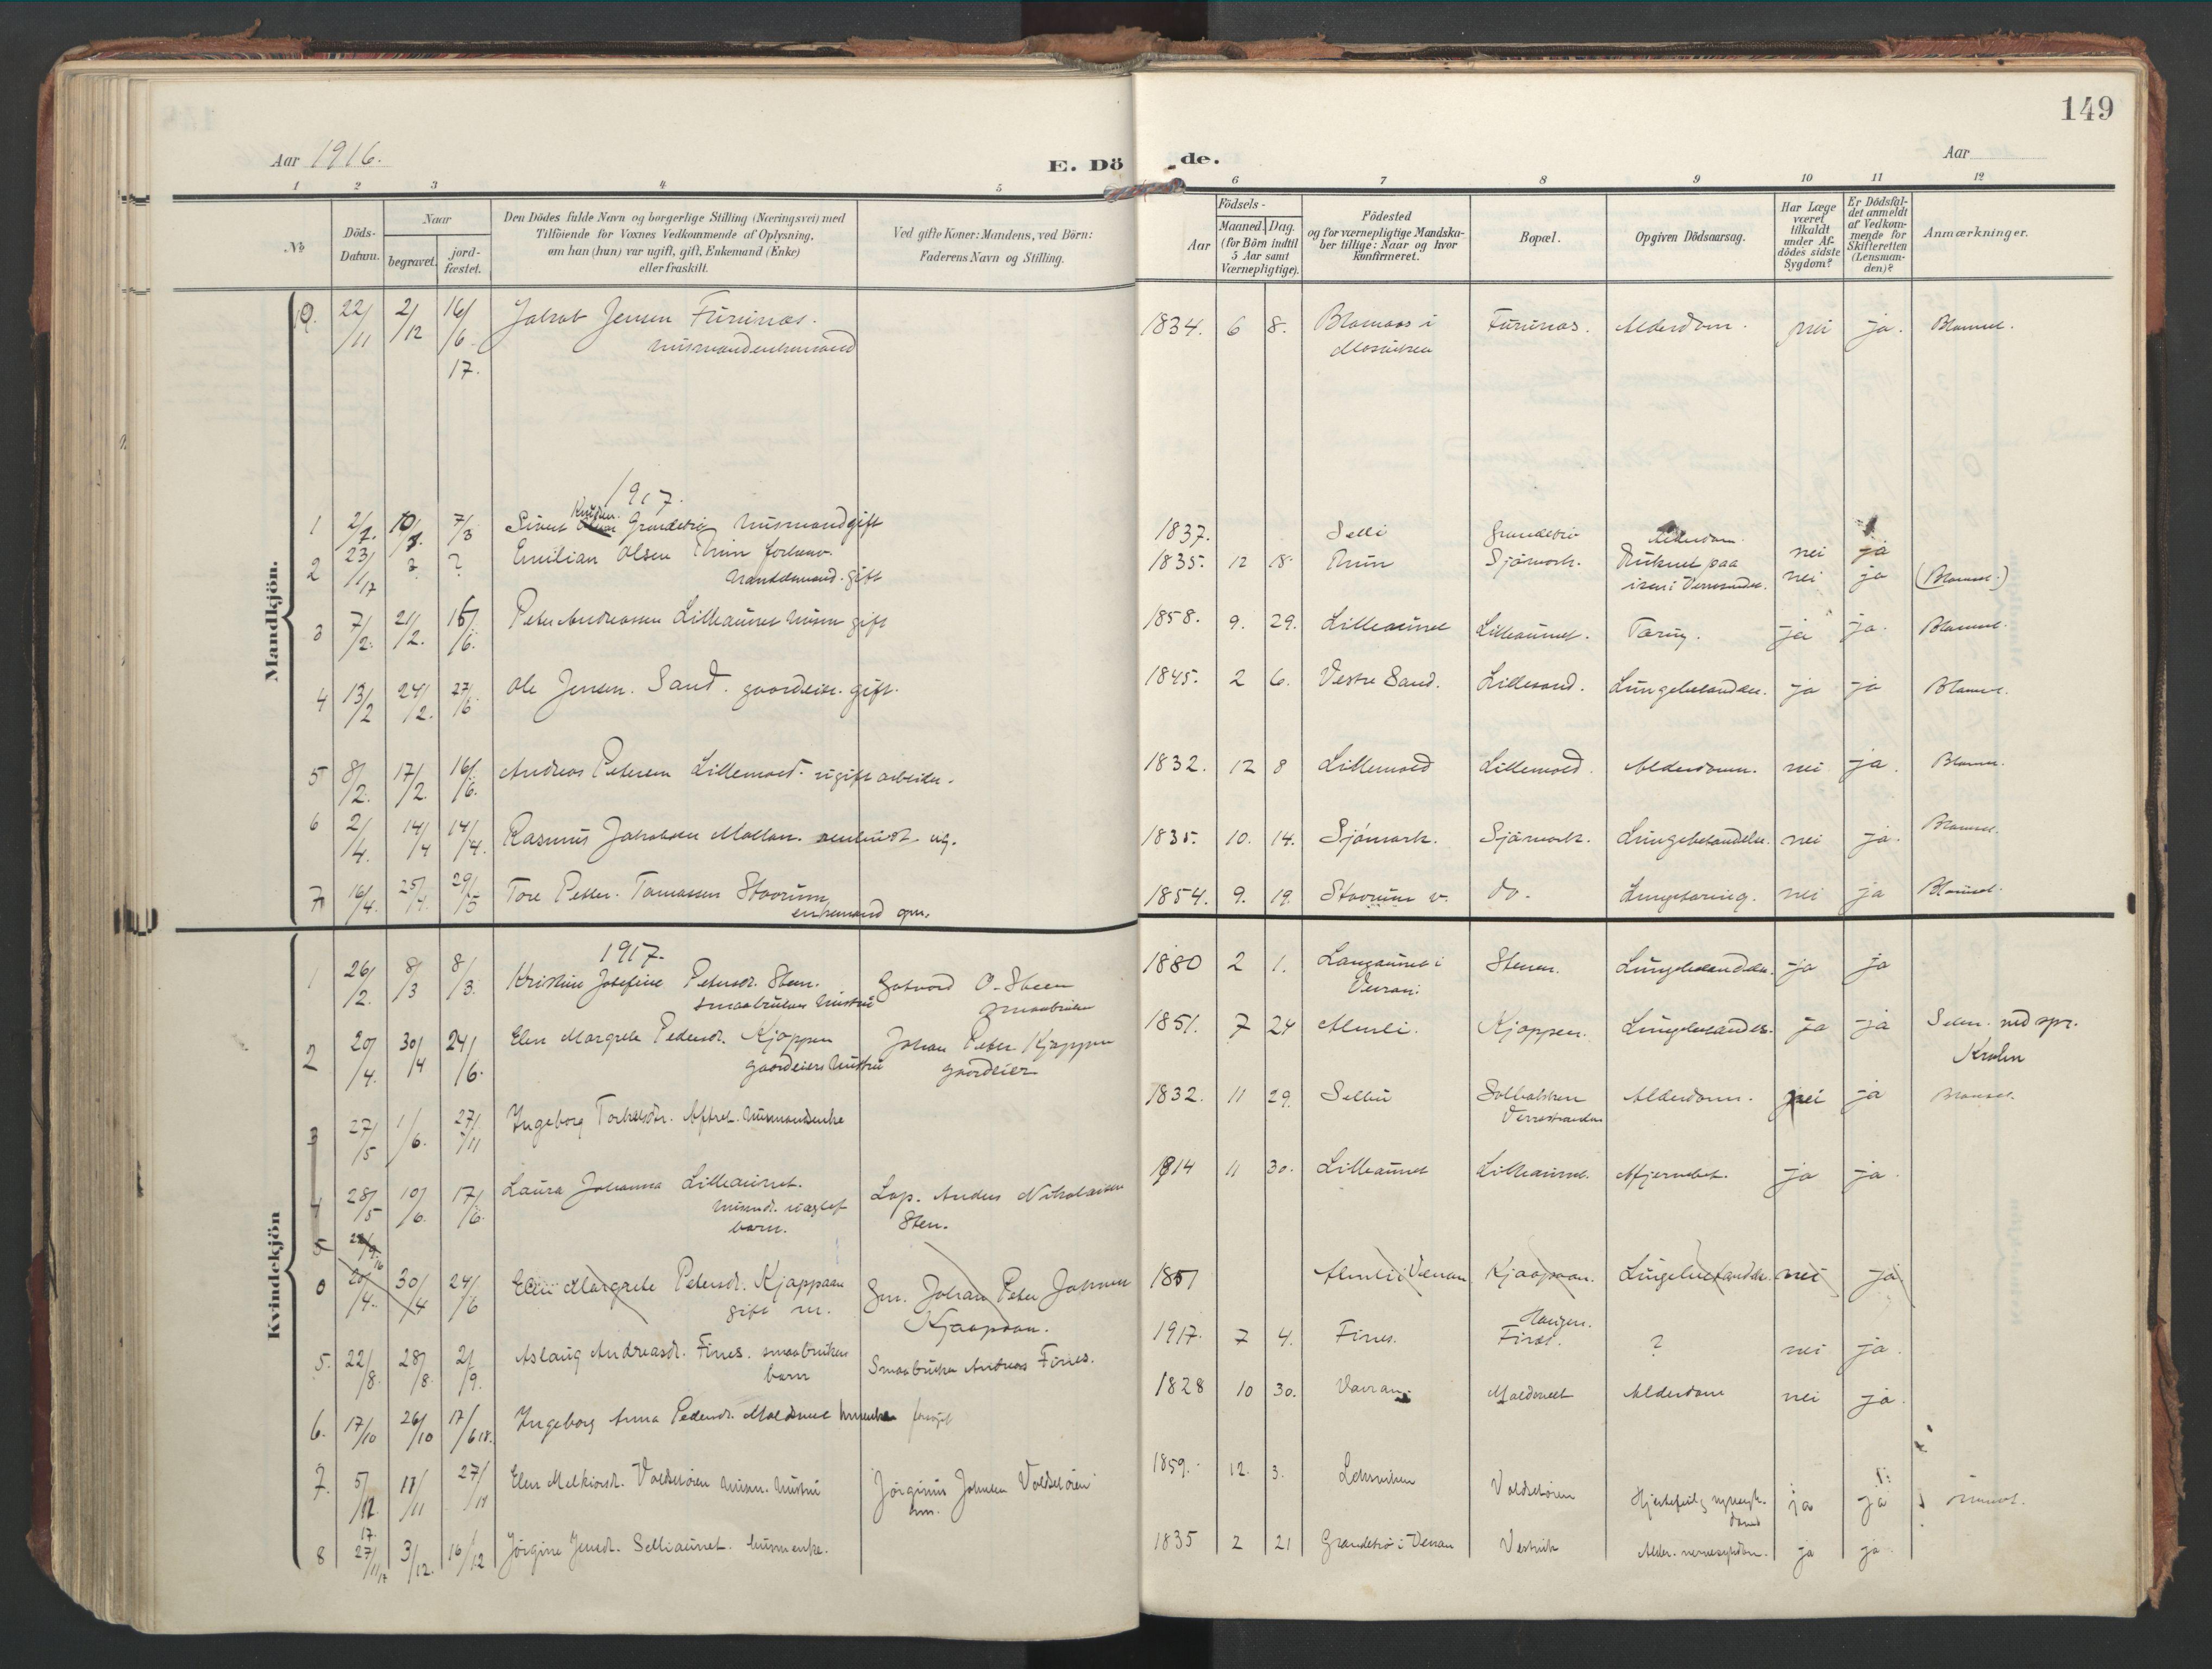 SAT, Ministerialprotokoller, klokkerbøker og fødselsregistre - Nord-Trøndelag, 744/L0421: Ministerialbok nr. 744A05, 1905-1930, s. 149